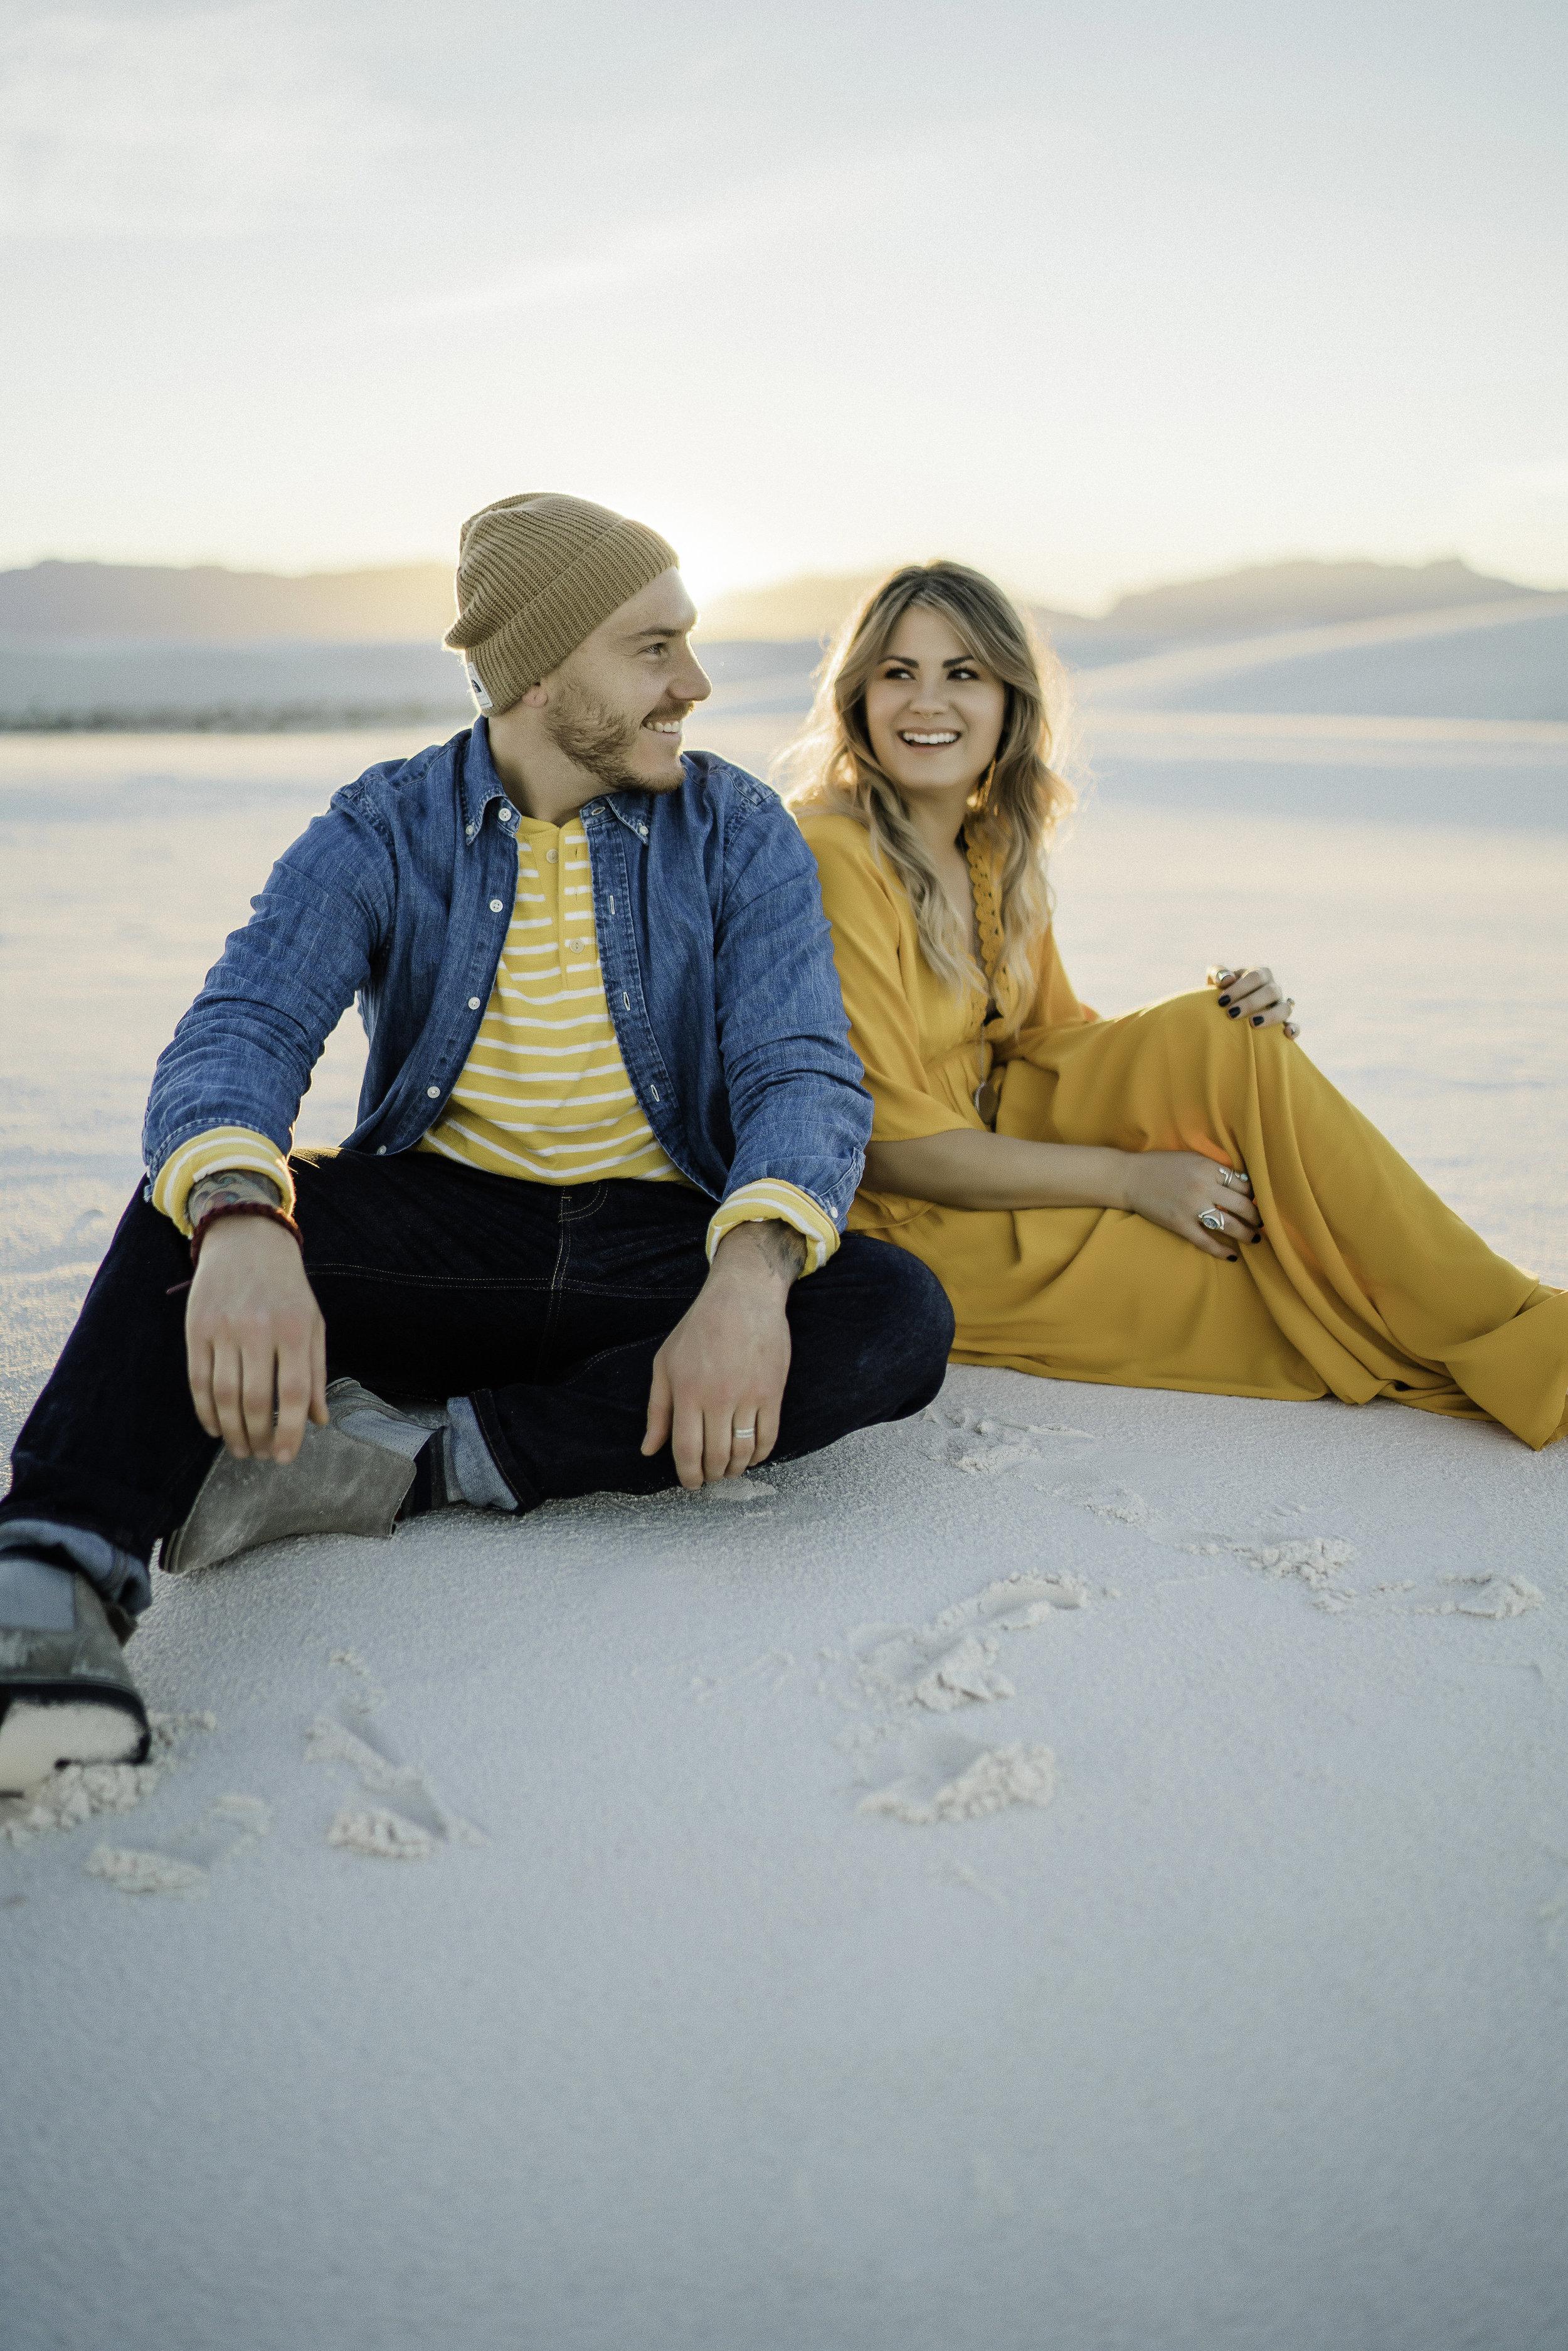 Jon & Letty Portraits  White Sands, NM